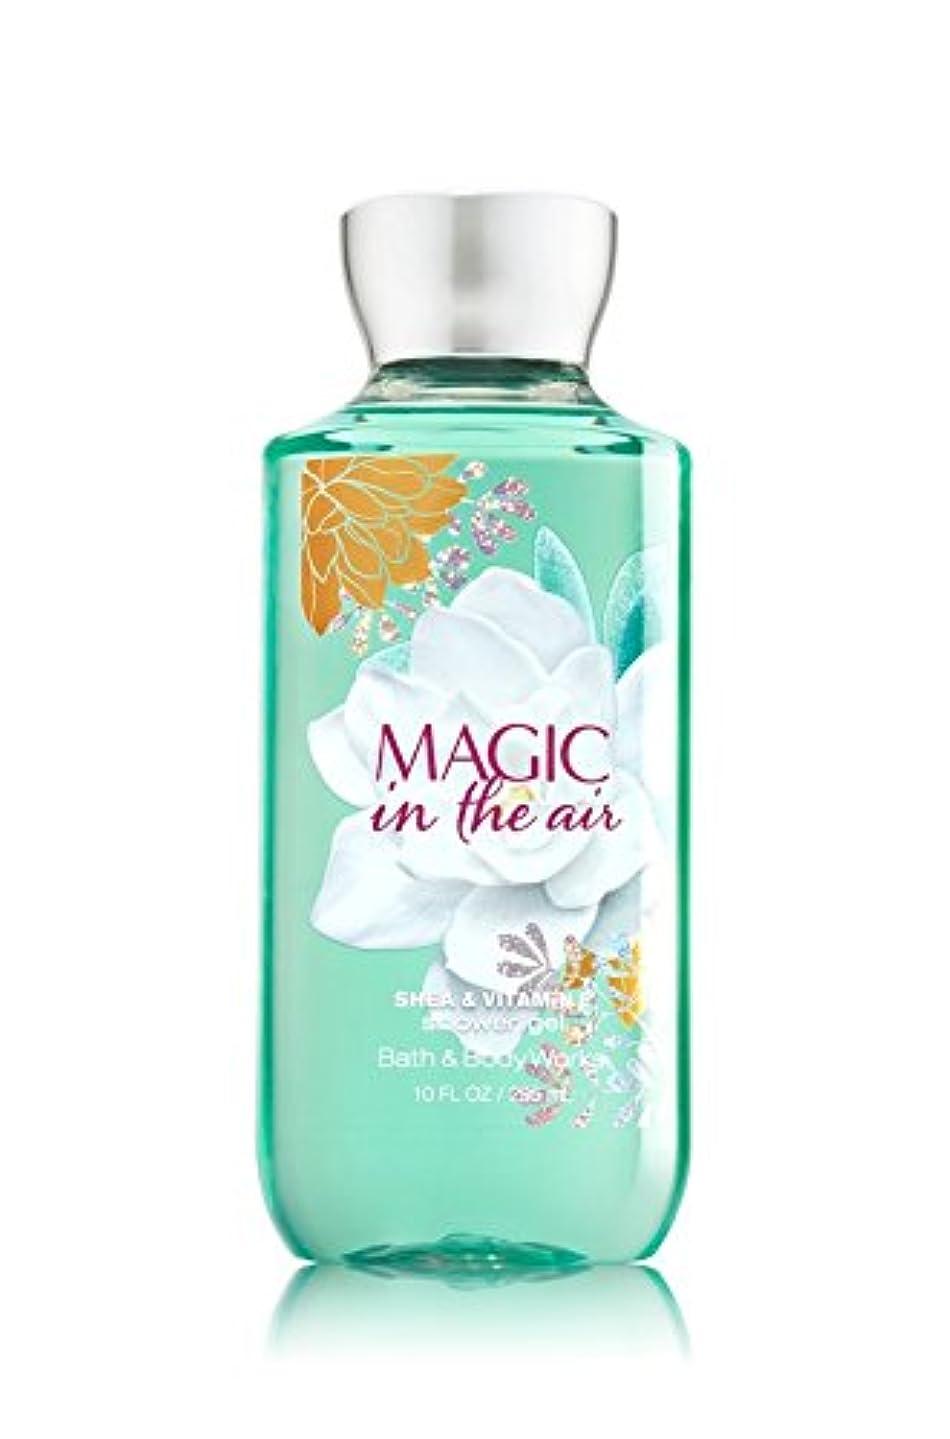 交換コレクション銃【Bath&Body Works/バス&ボディワークス】 シャワージェル マジックインザエアー Shower Gel Magic in the Air 10 fl oz / 295 mL [並行輸入品]